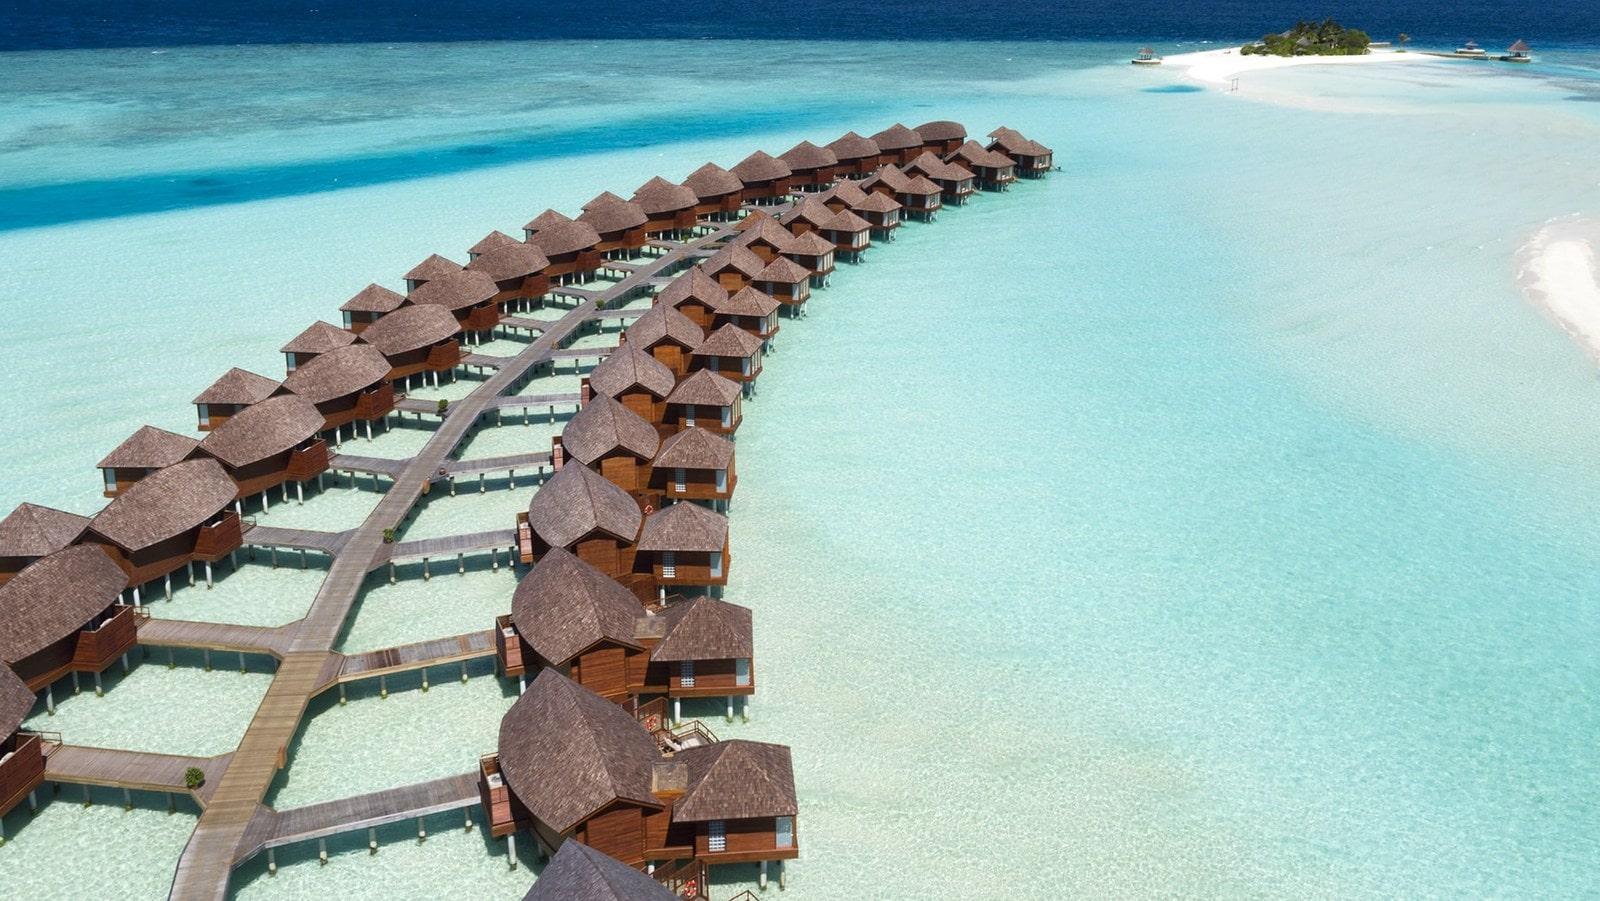 Мальдивы, отель Anantara Dhigu Maldives Resort, водные виллы